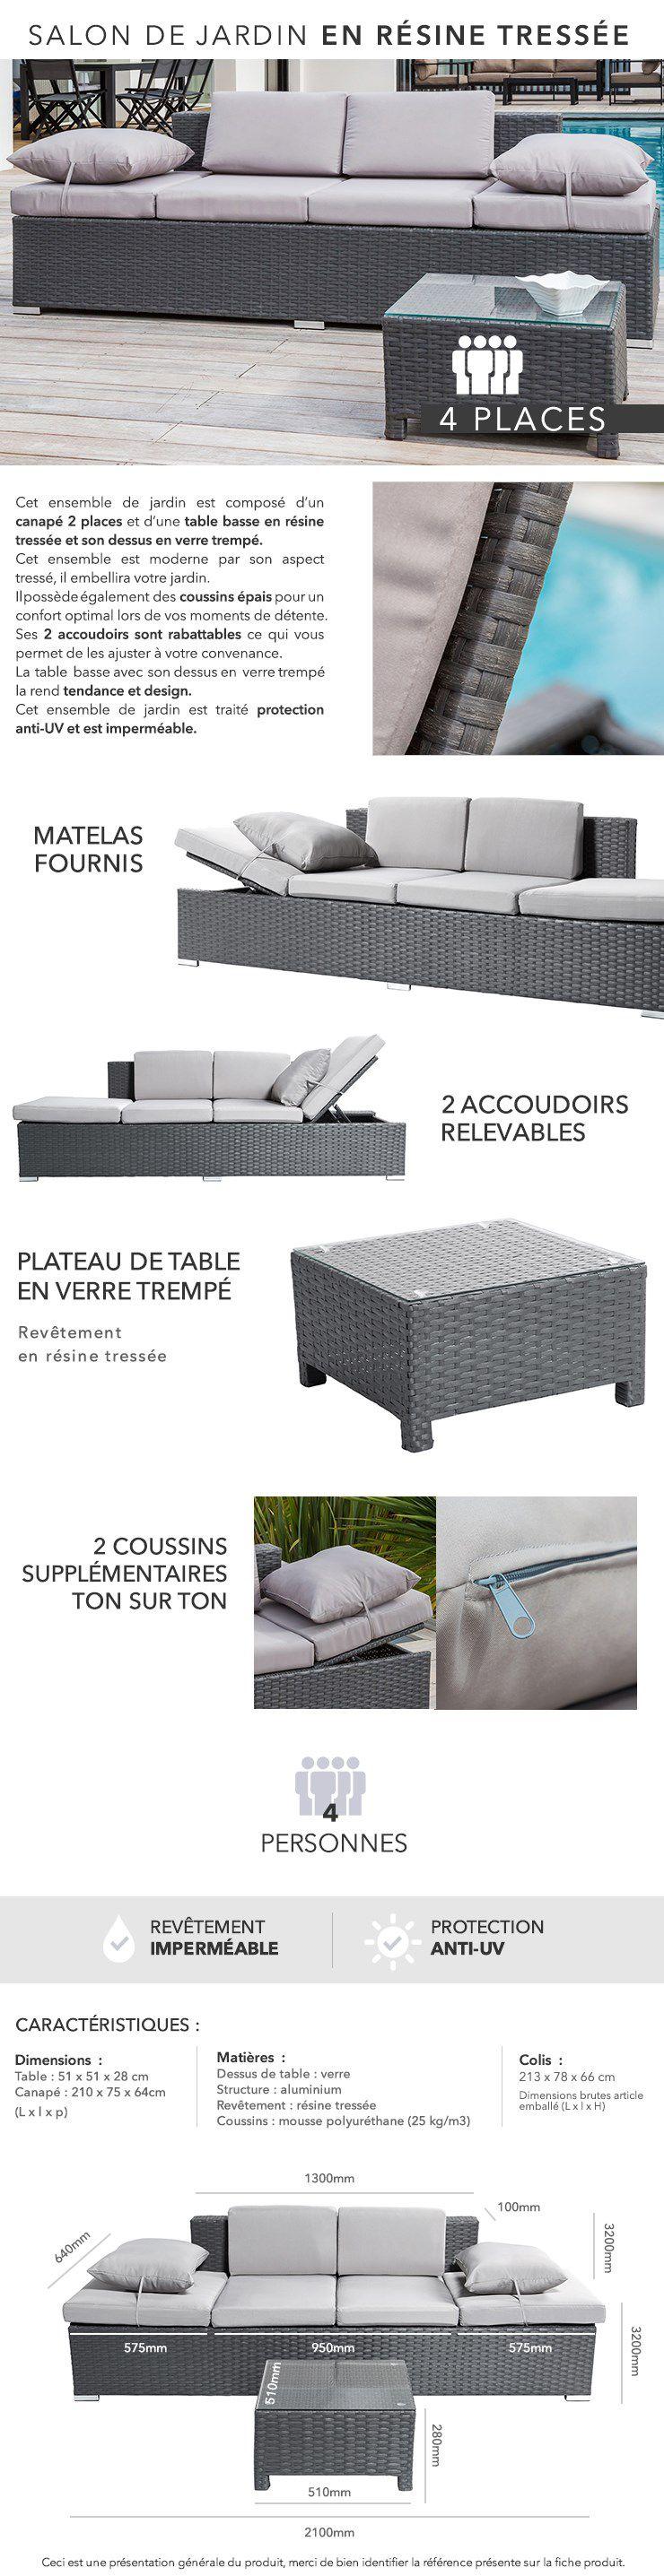 Salon de jardin 1 table basse + 1 canapé 2 places en résine ...